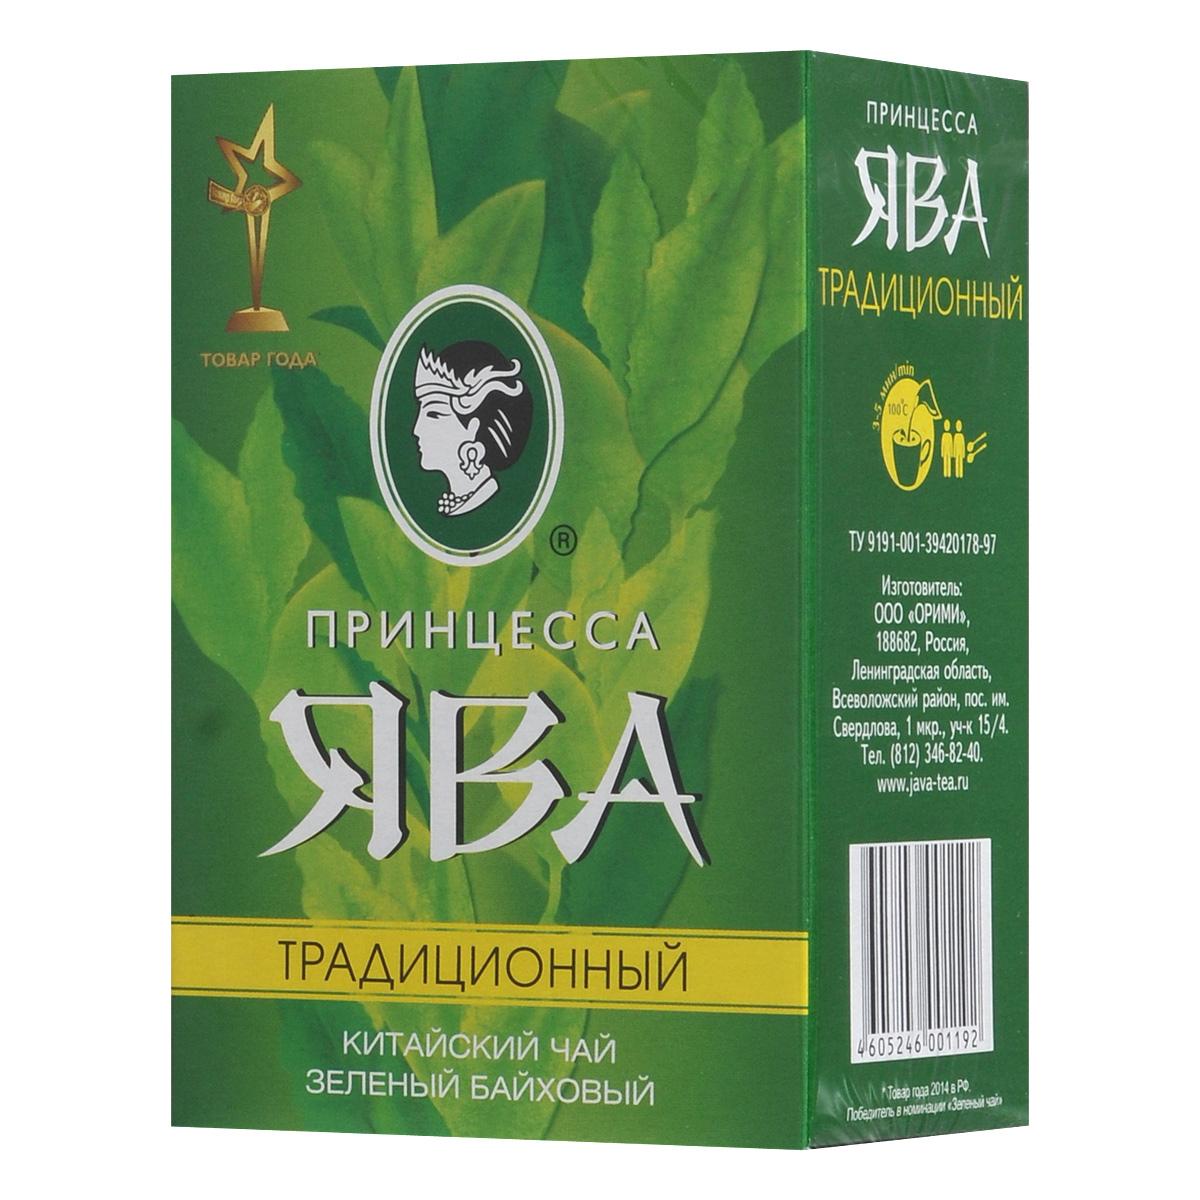 Принцесса Ява Традиционный зеленый чай листовой, 100 г0119-64Китайский крупнолистовой зеленый чай Принцесса Ява Традиционный отличается темно-зеленым цветом и обладает индивидуальным терпким вкусом с легкой горчинкой. После употребления чая остается долгое послевкусие. Кроме того, это один из немногих зеленых чаев, который рекомендуют пить холодным с сахаром и лимоном.